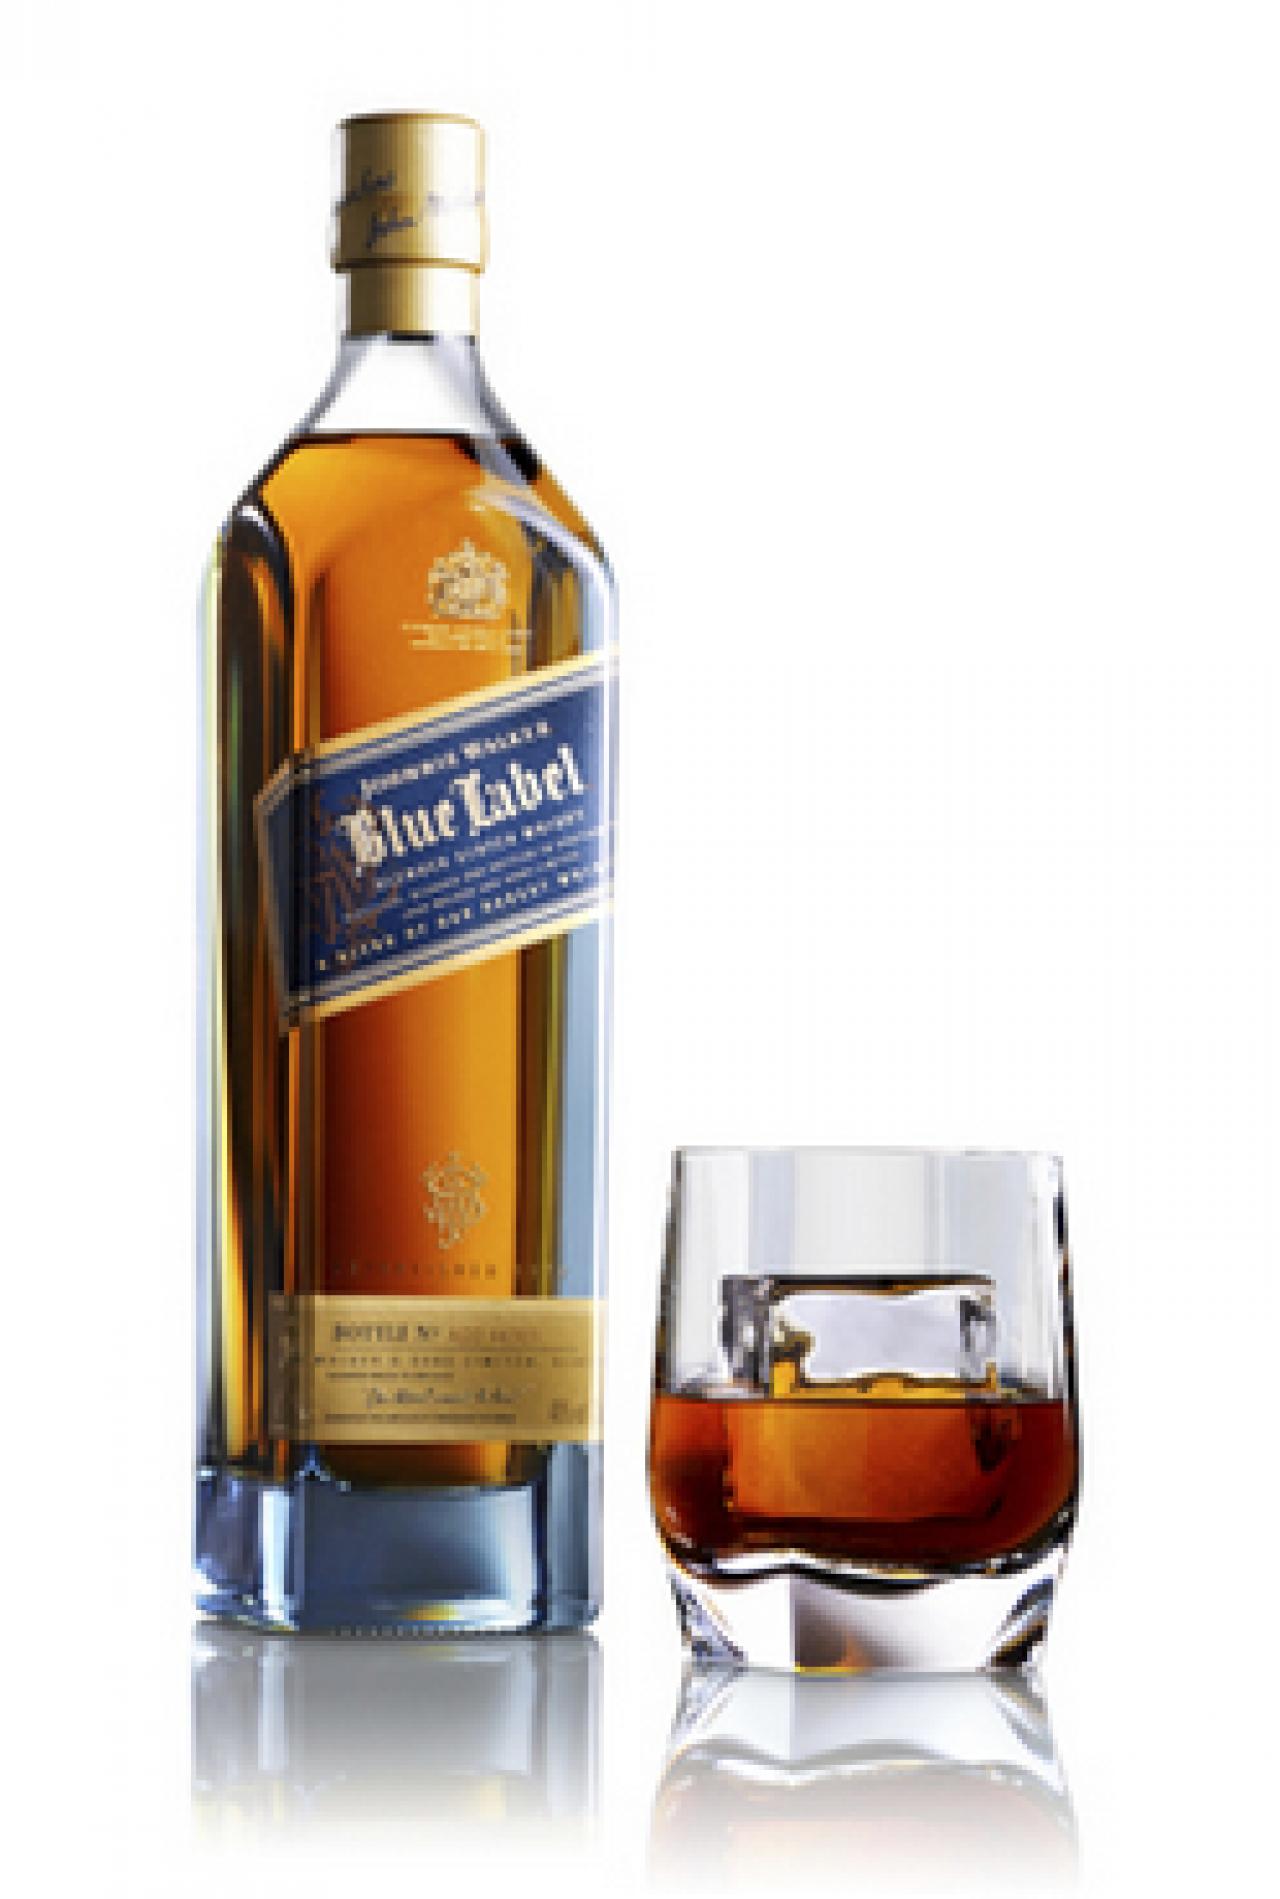 ¿Cómo se bebe un buen whisky? | Lifestyle de